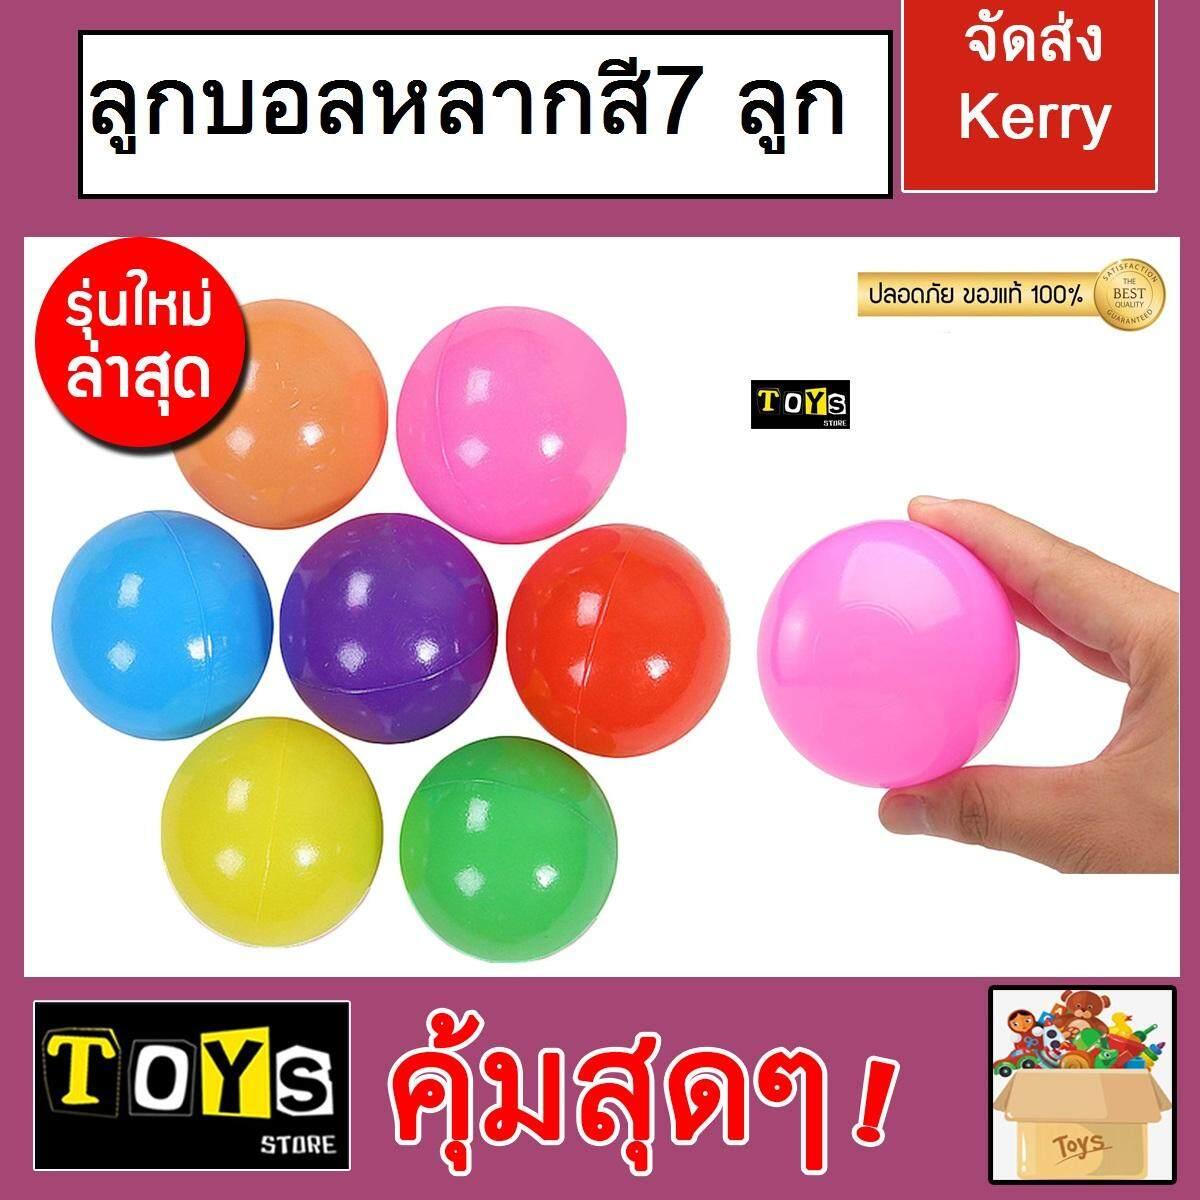 ลดสุดๆ ลูกบอลหลากสี7ลูก  ลูกบอล บอลแฟนซี ของเล่นเด็ก ของเล่นเด็กของเล่นเด็กโต ของเล่นเด็ก3ขวบ ของเล่นเด็ก10 ขวบ ของเล่นเด็ก5ขวบ ชุดของเล่นเด็ก ( ลูกบอล 7 ลูก ) ส่ง Kerry